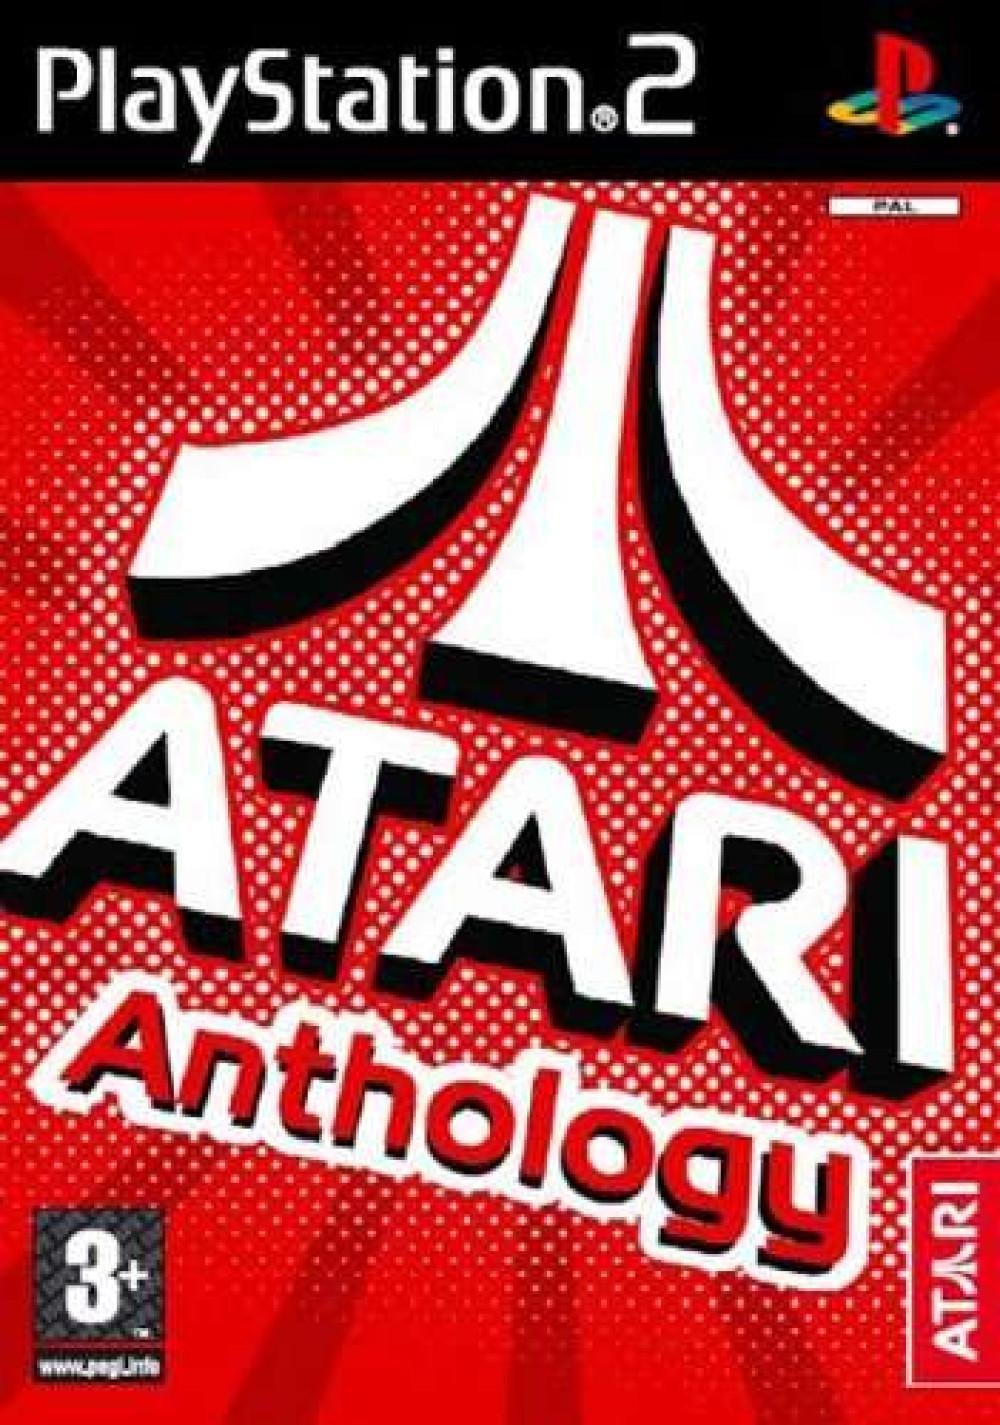 Atari Anthology PS2